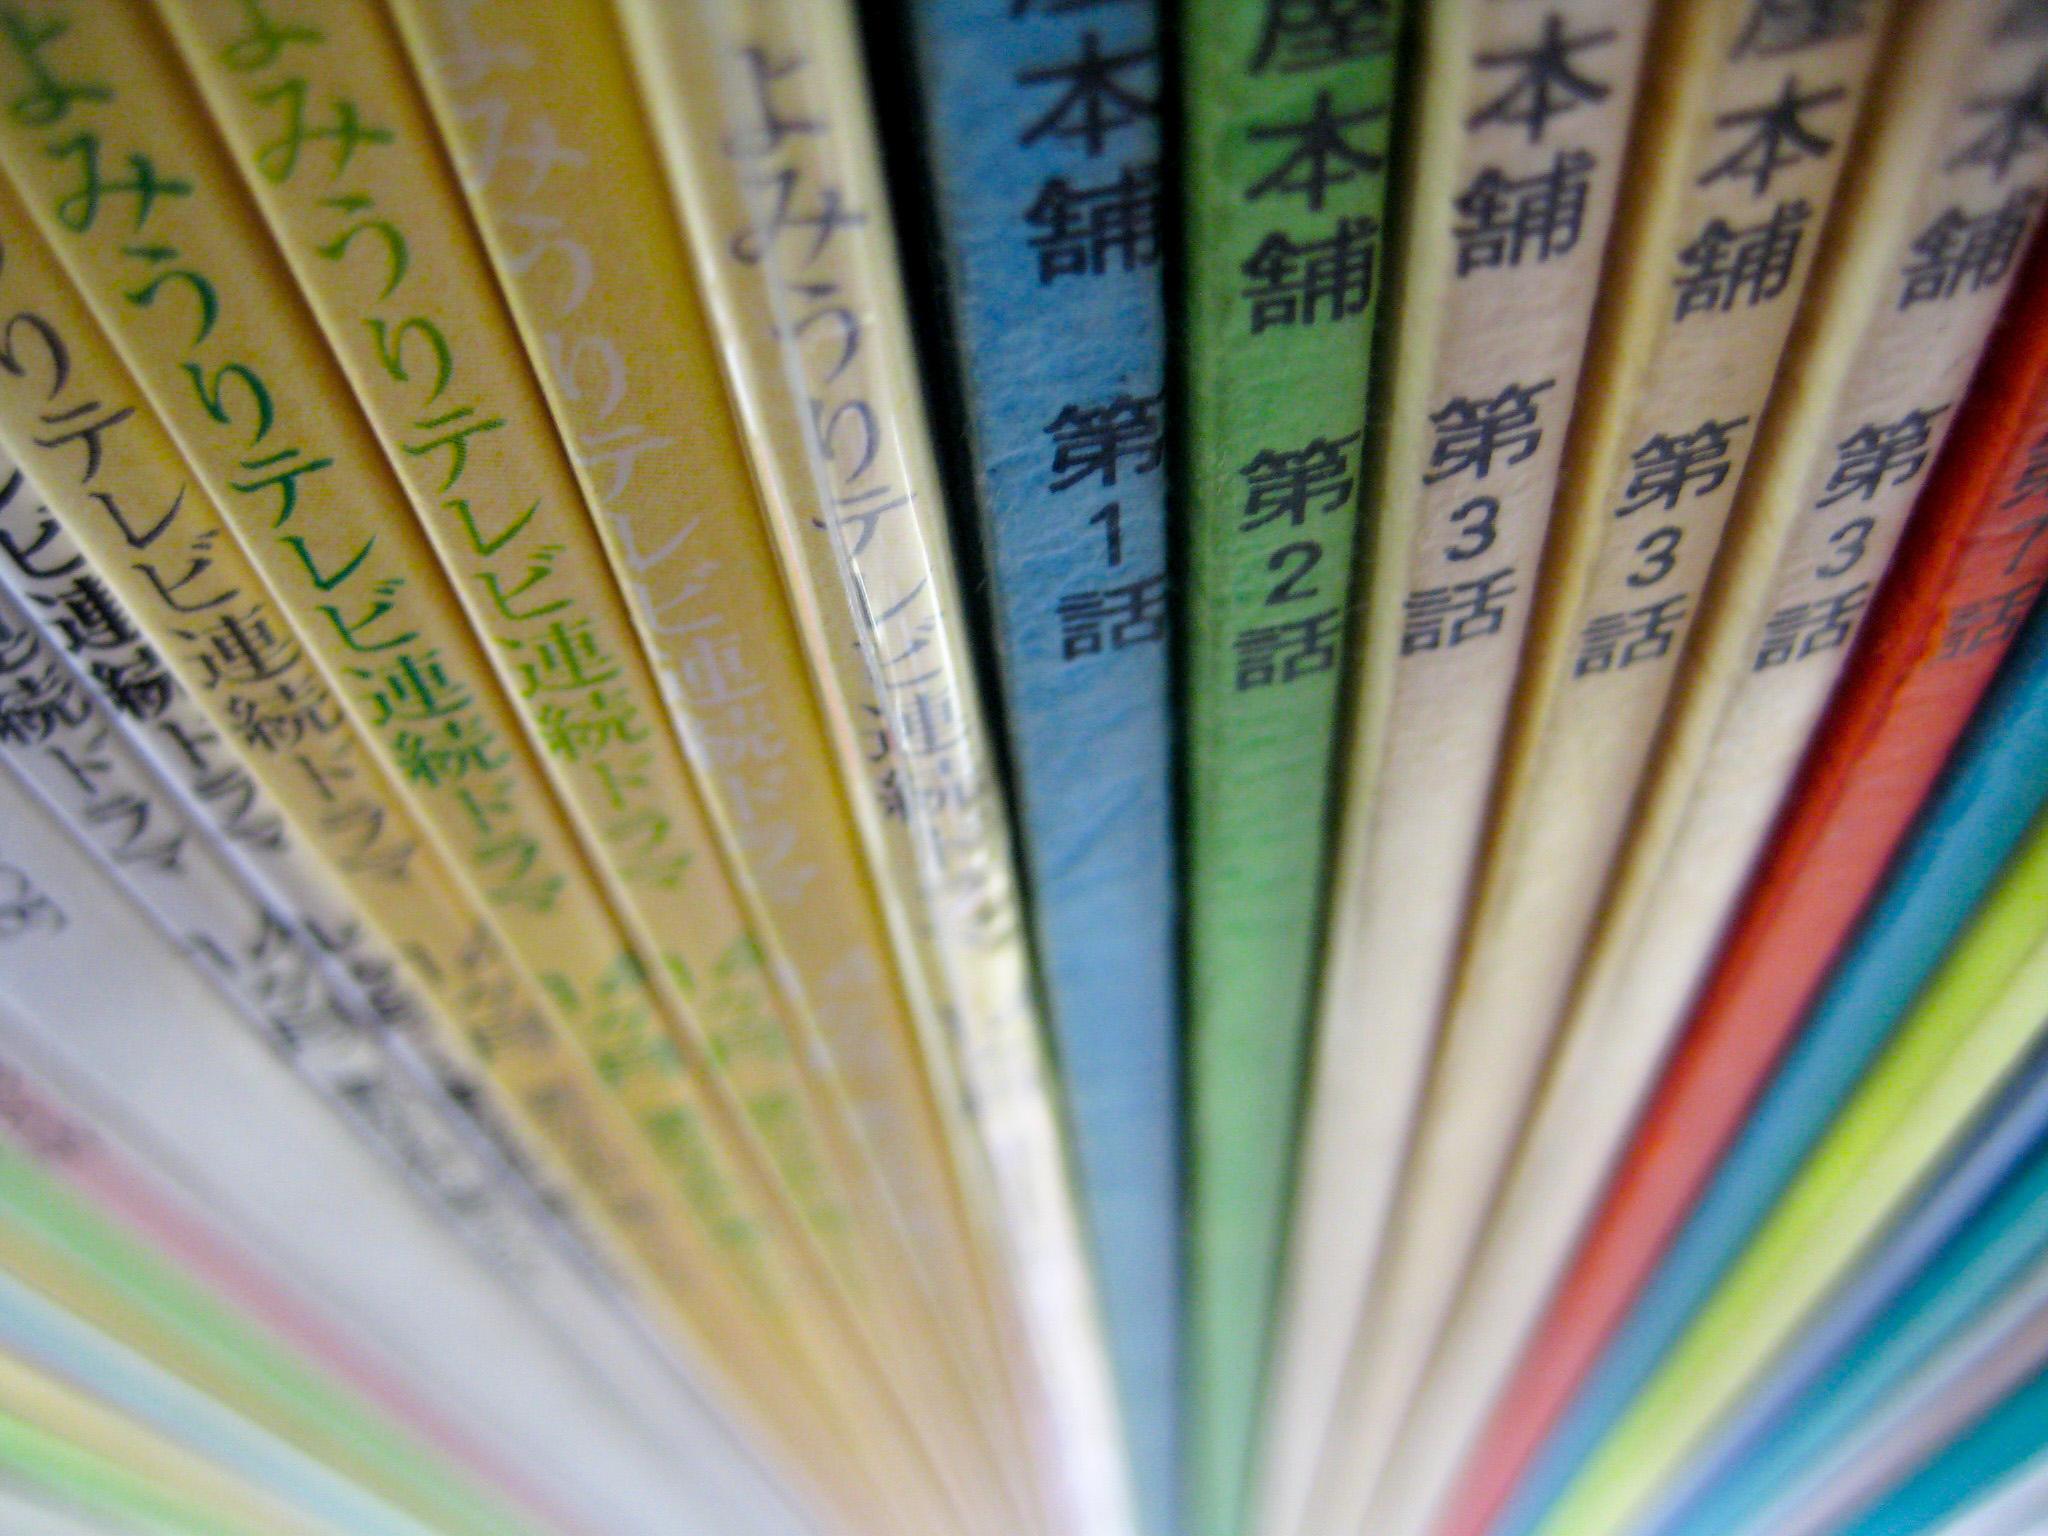 japan and beyond 1358.jpg